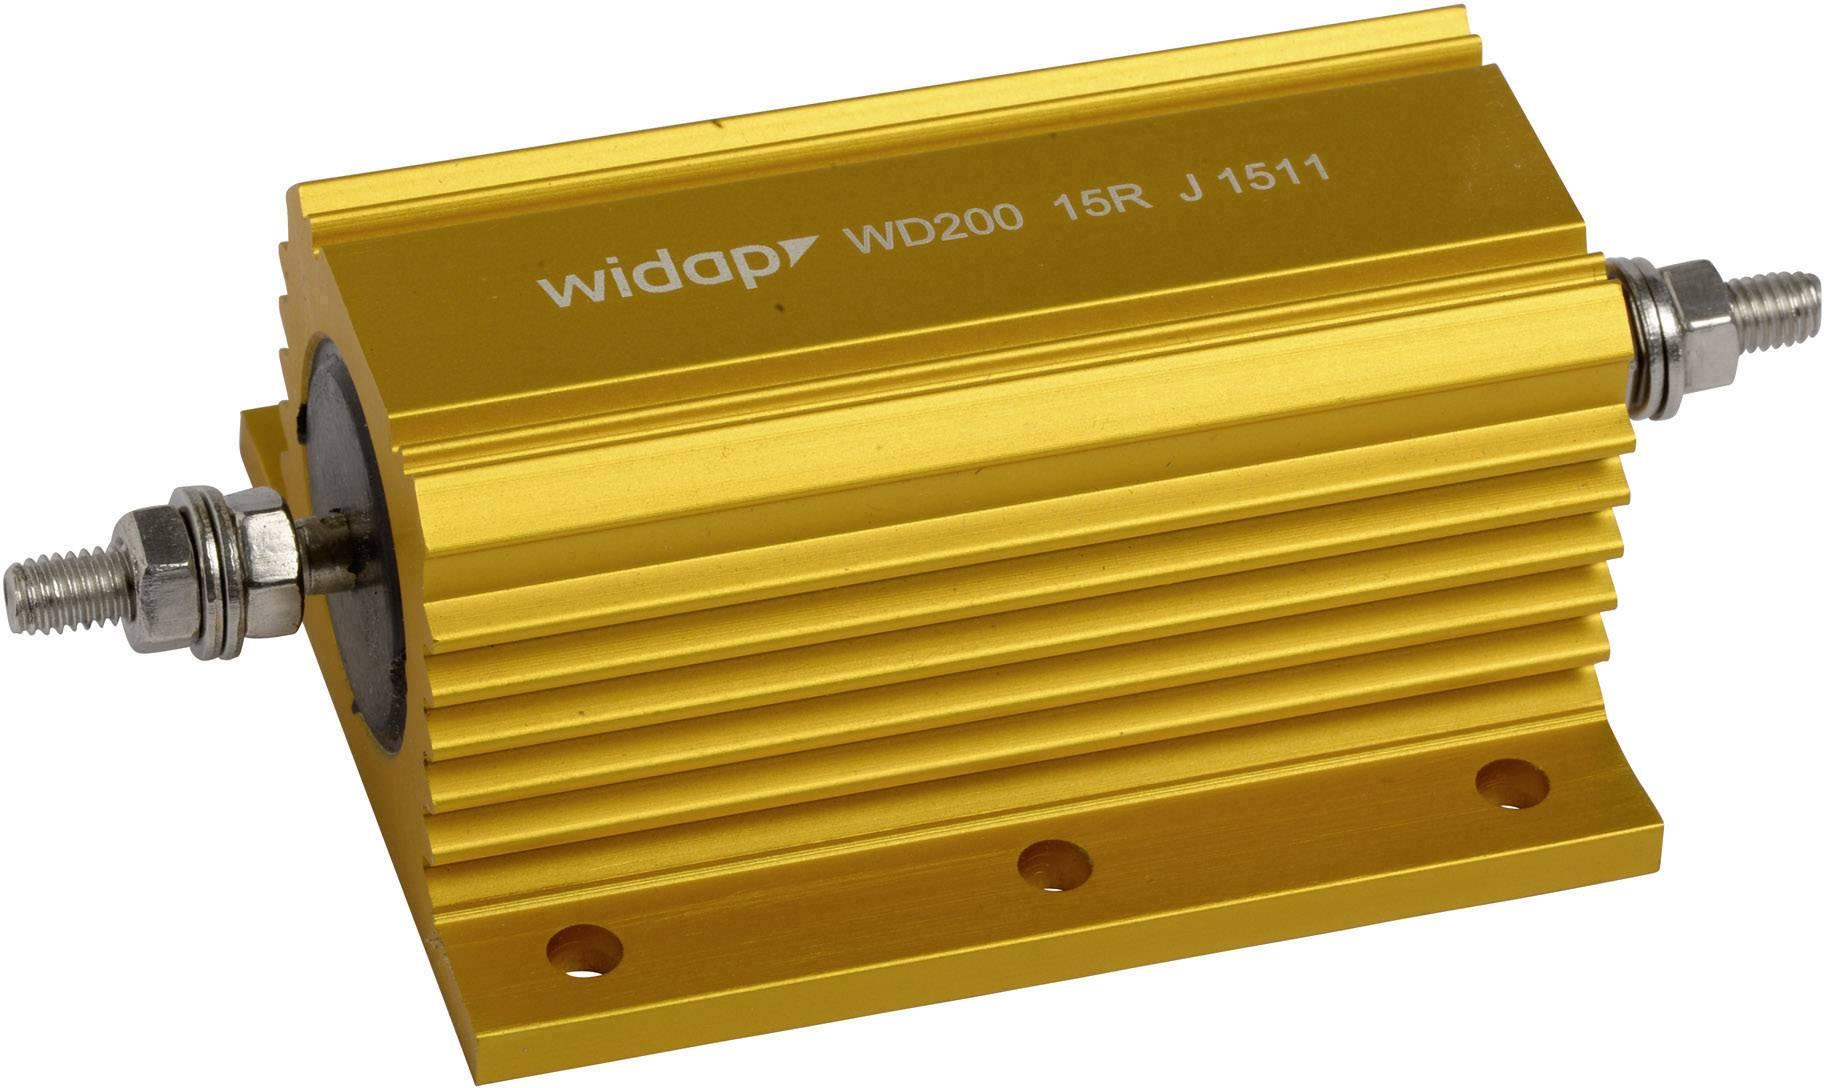 Drátový rezistor Widap 160144, hodnota odporu 1.0 Ohm, v pouzdře, 200 W, 1 ks